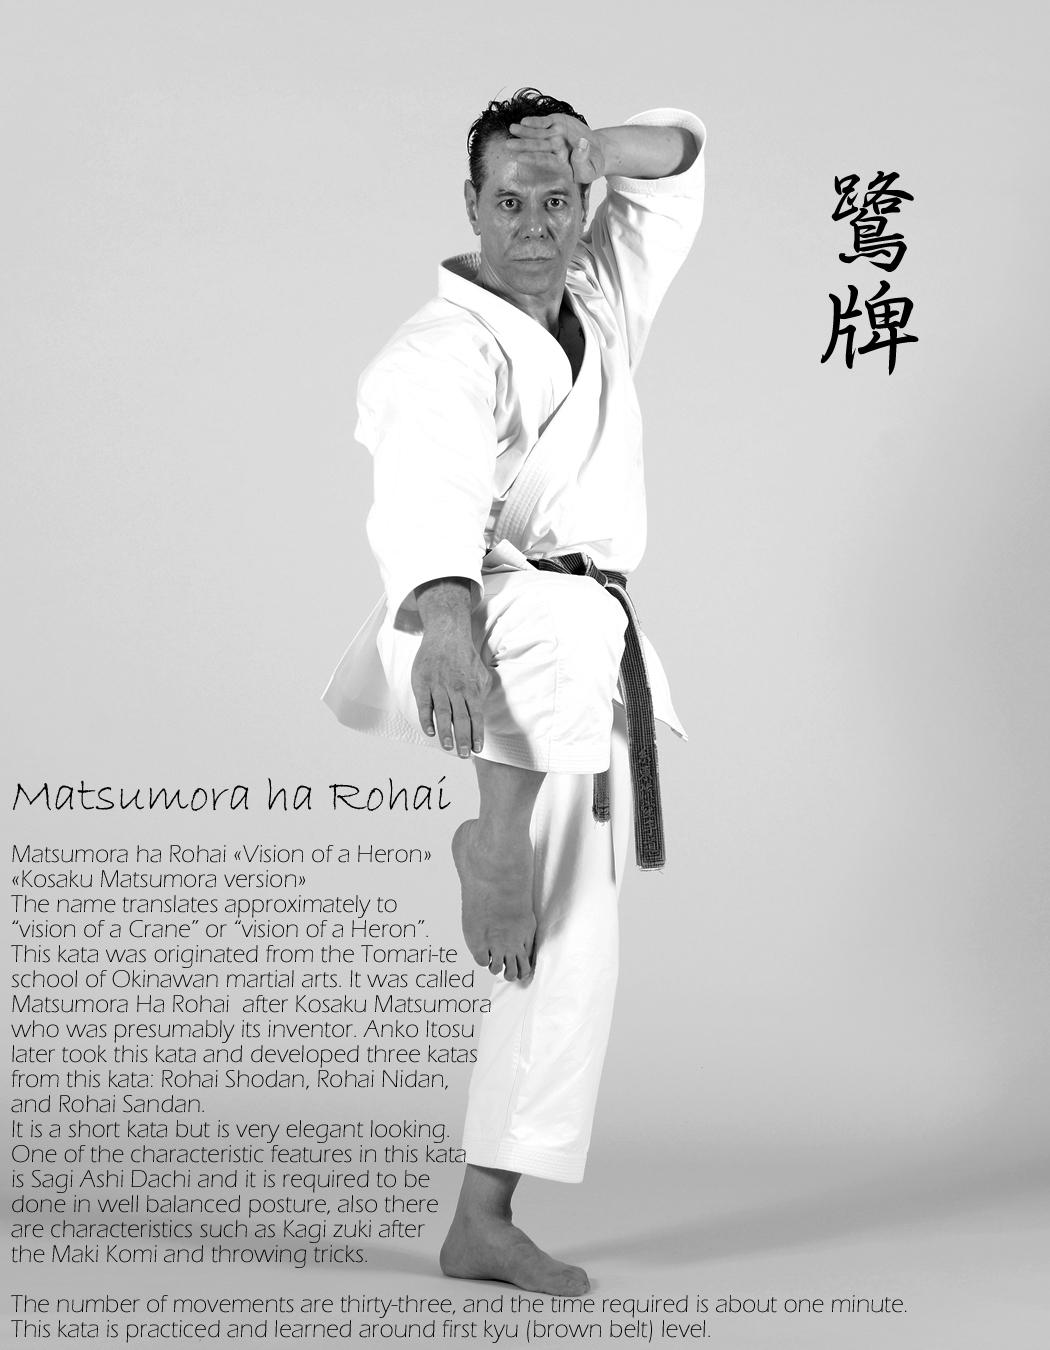 Renshi-Tanzadeh-performing-Matsumora-ha-Rohai-Kata